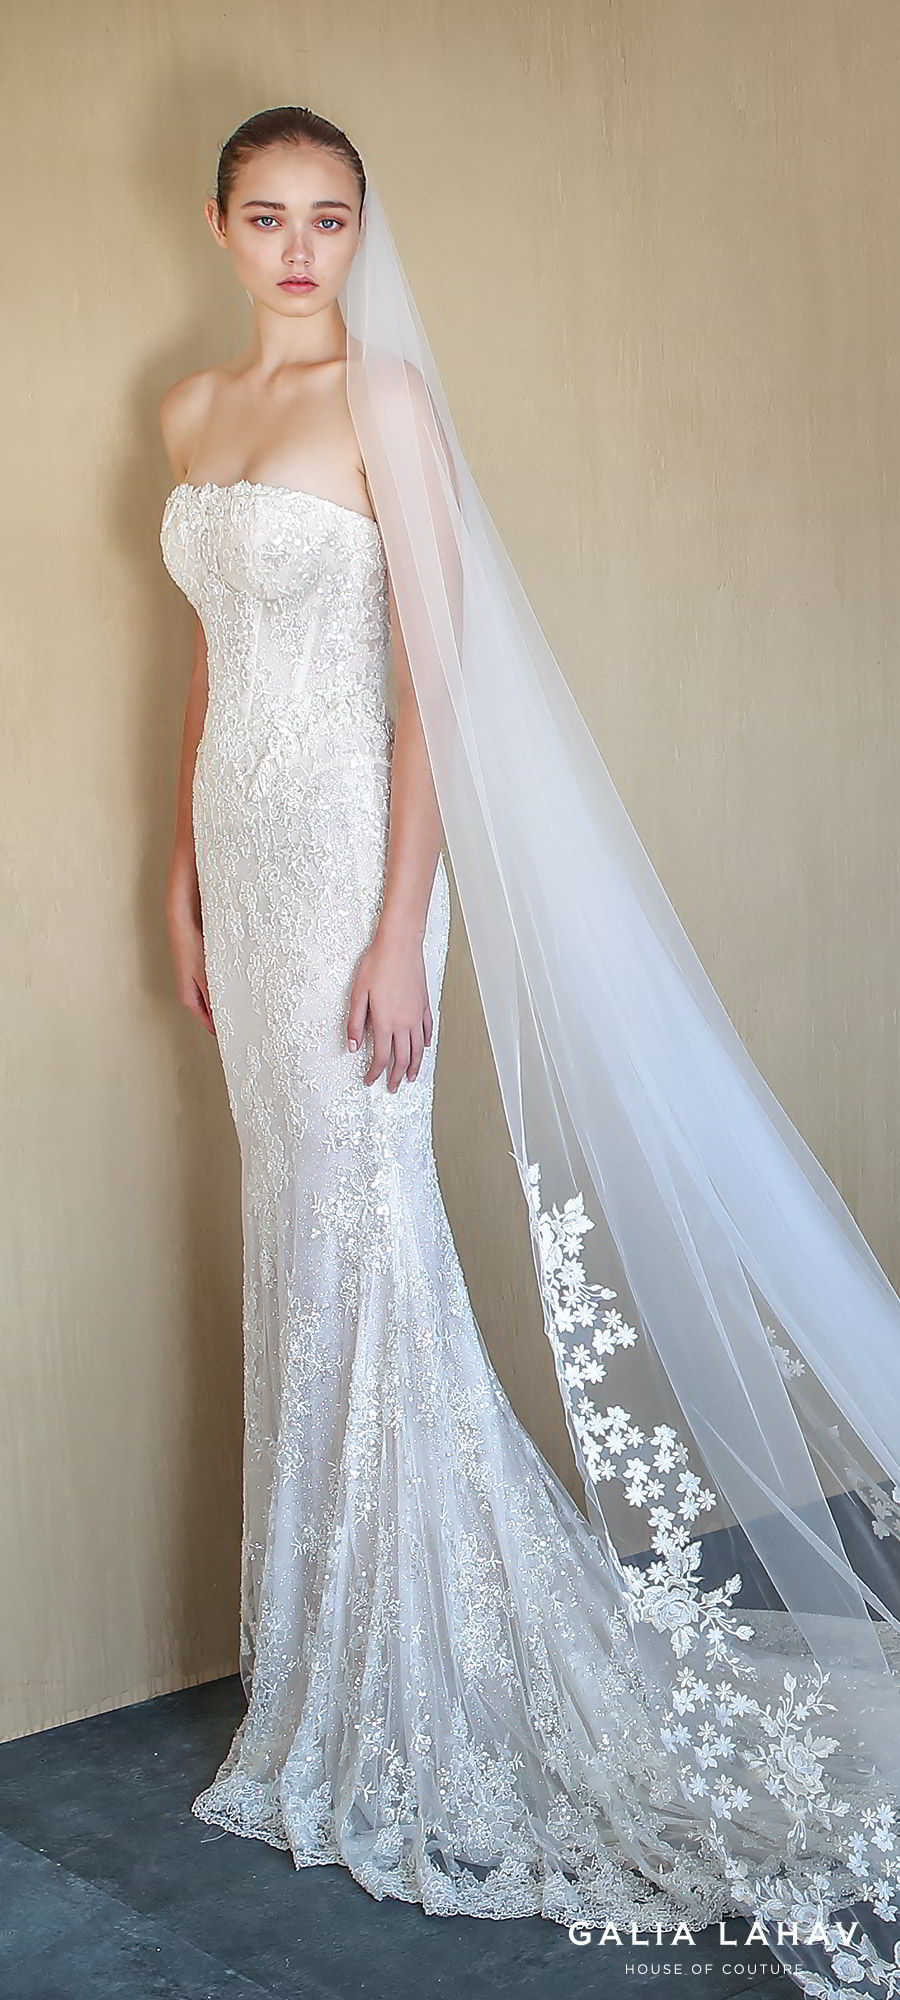 galia lahav fall 2019 bridal strapless straight across lace sheath mermaid wedding dress chapel train elegant romantic veil (alba) zv